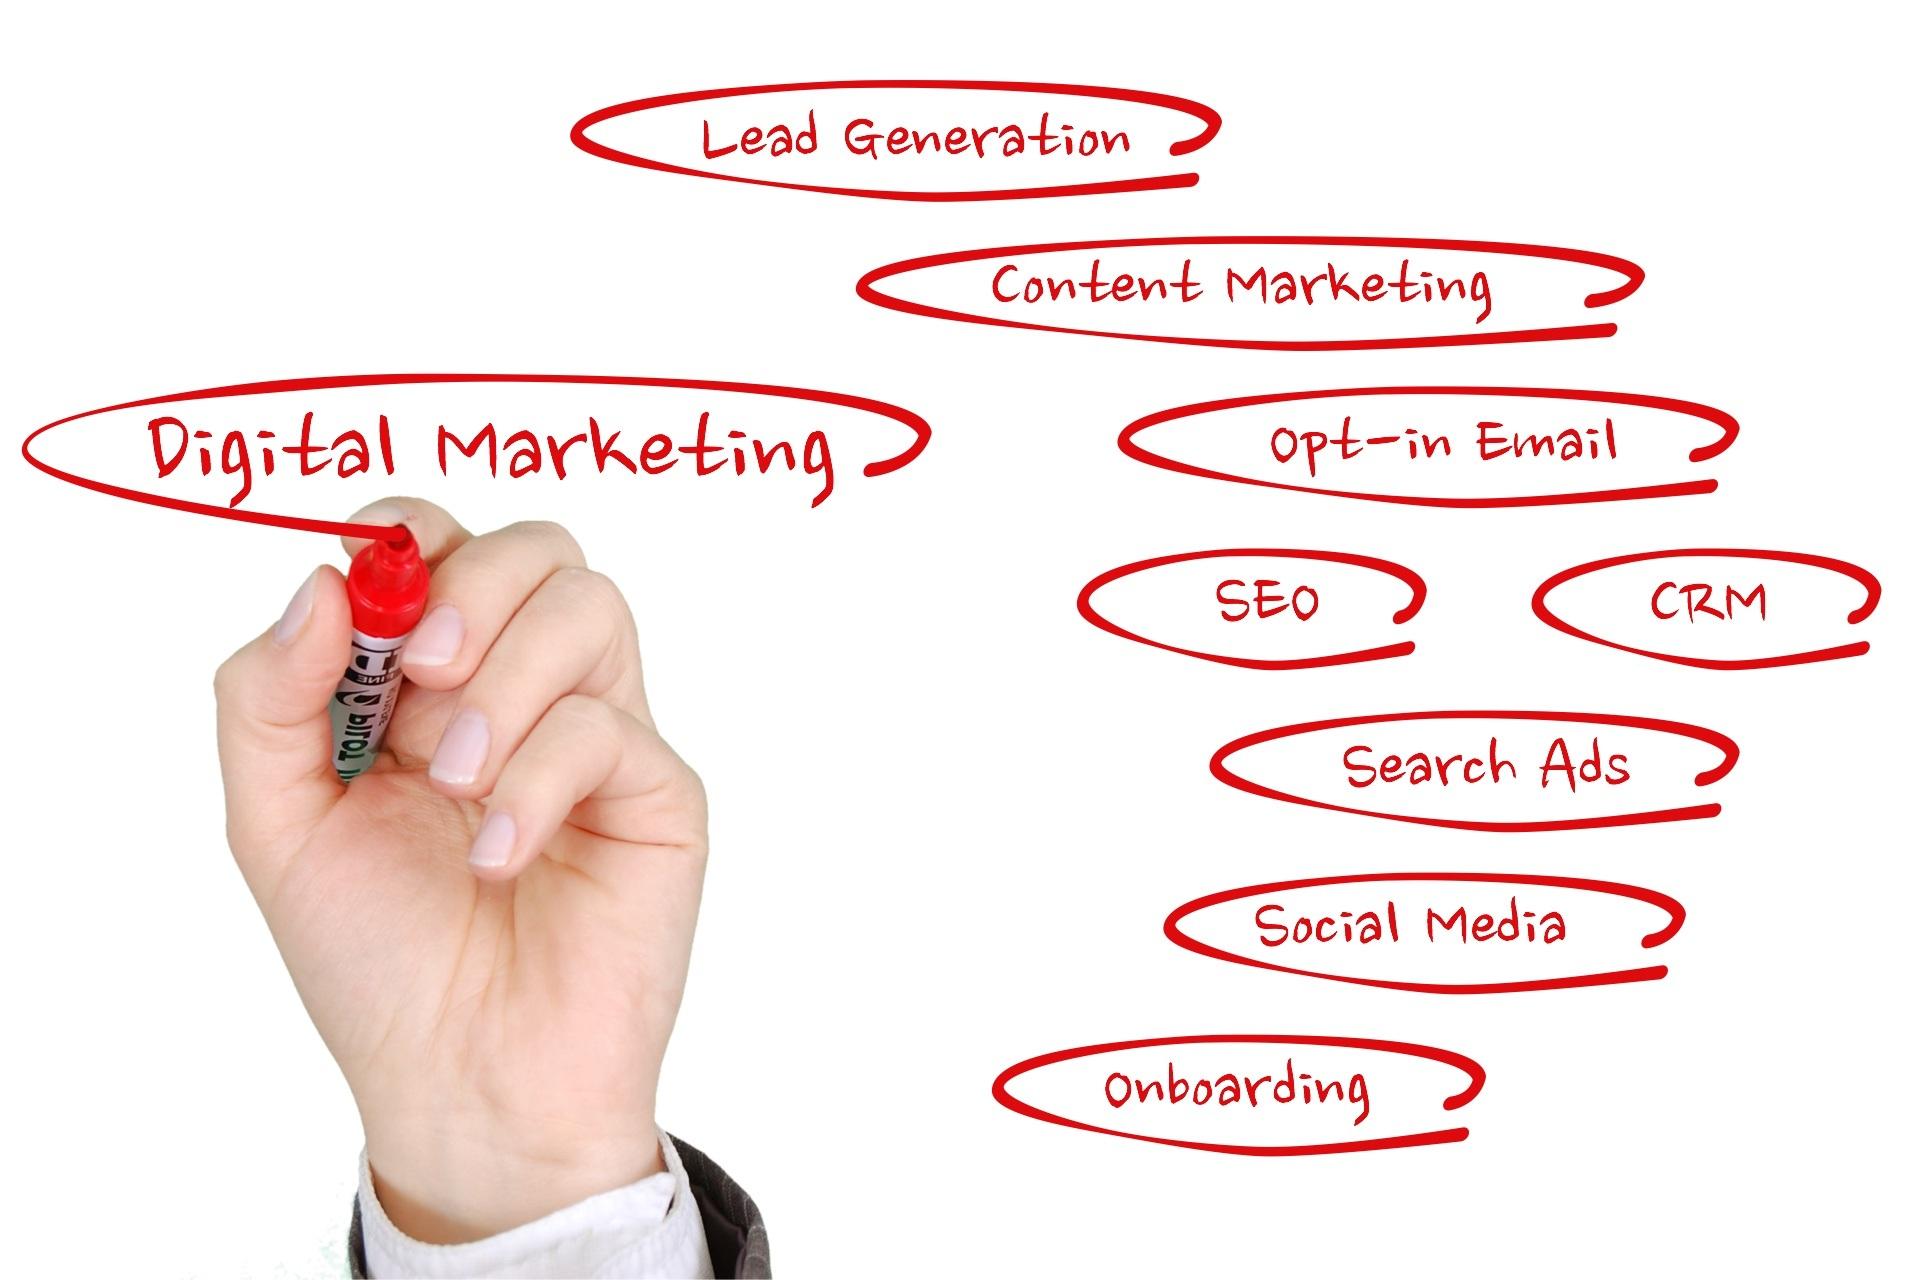 Varios conceptos de marketing digital escritos con marcador rojo